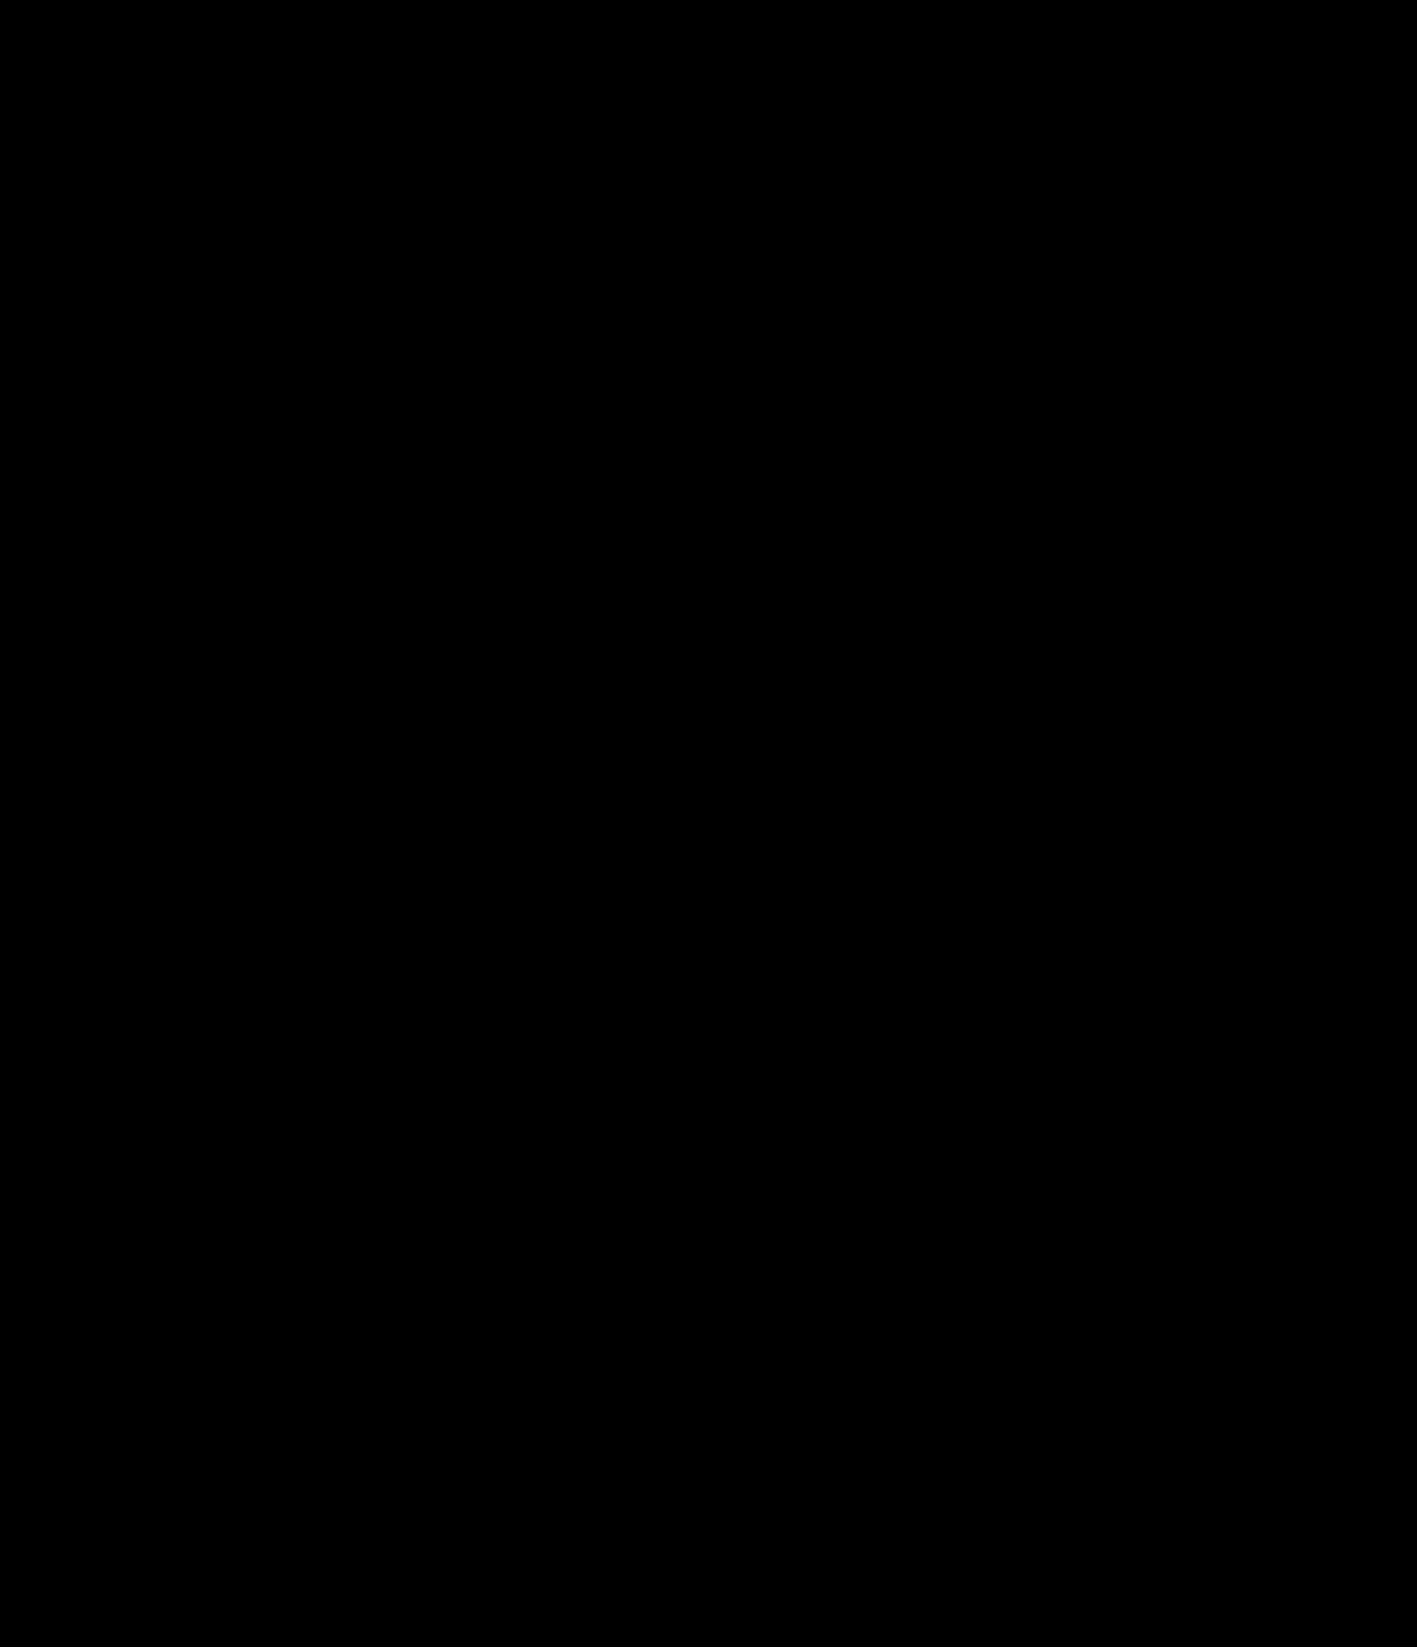 Landsec Logo Blk - DOM